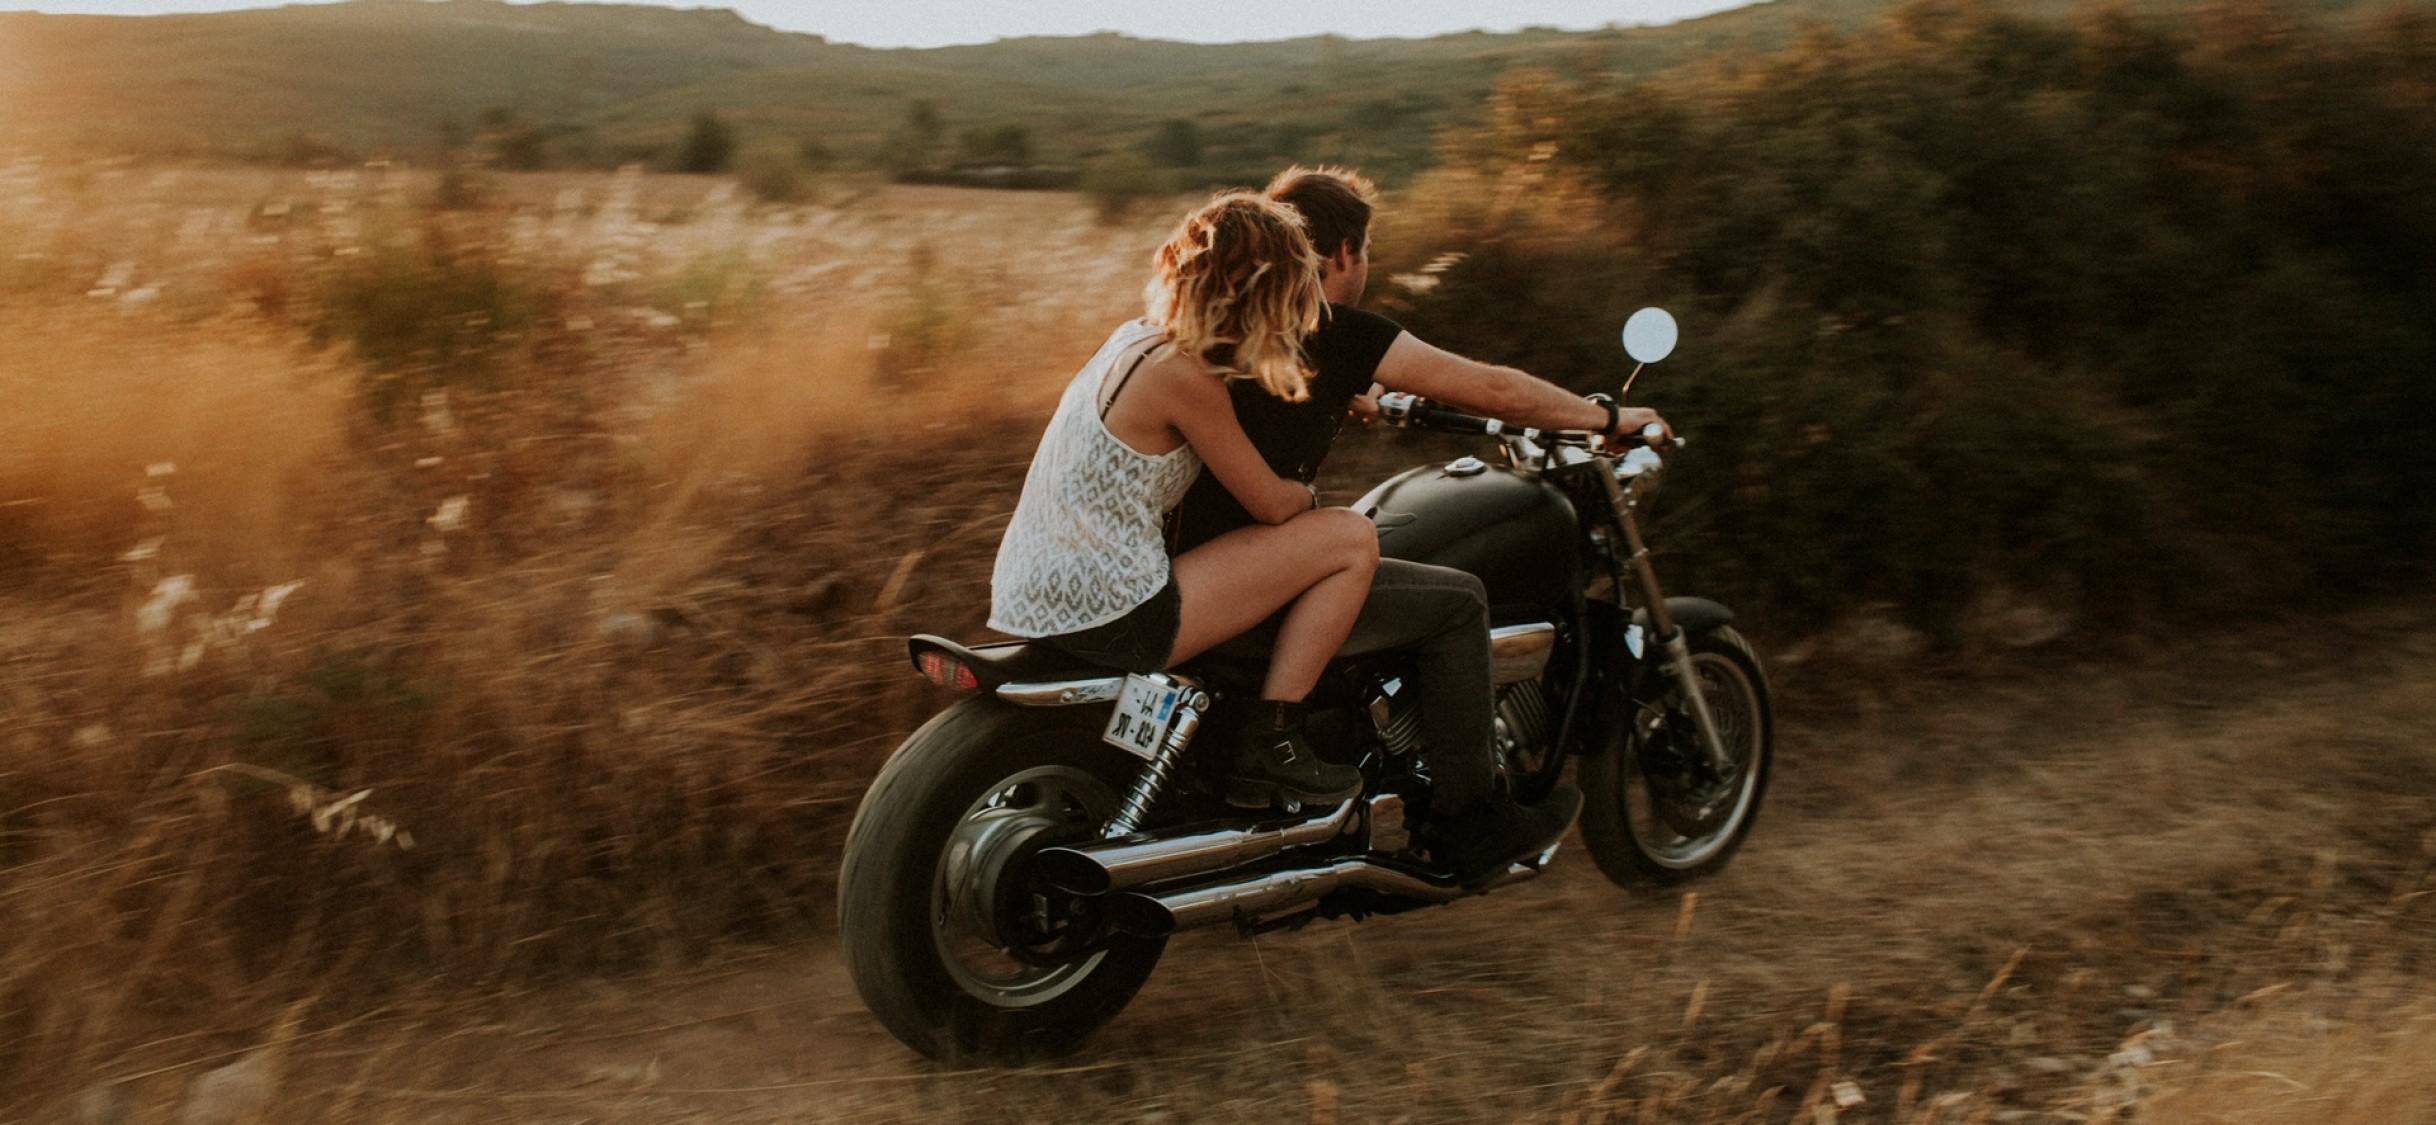 Фото парень с девушкой на мотоцикле скорость